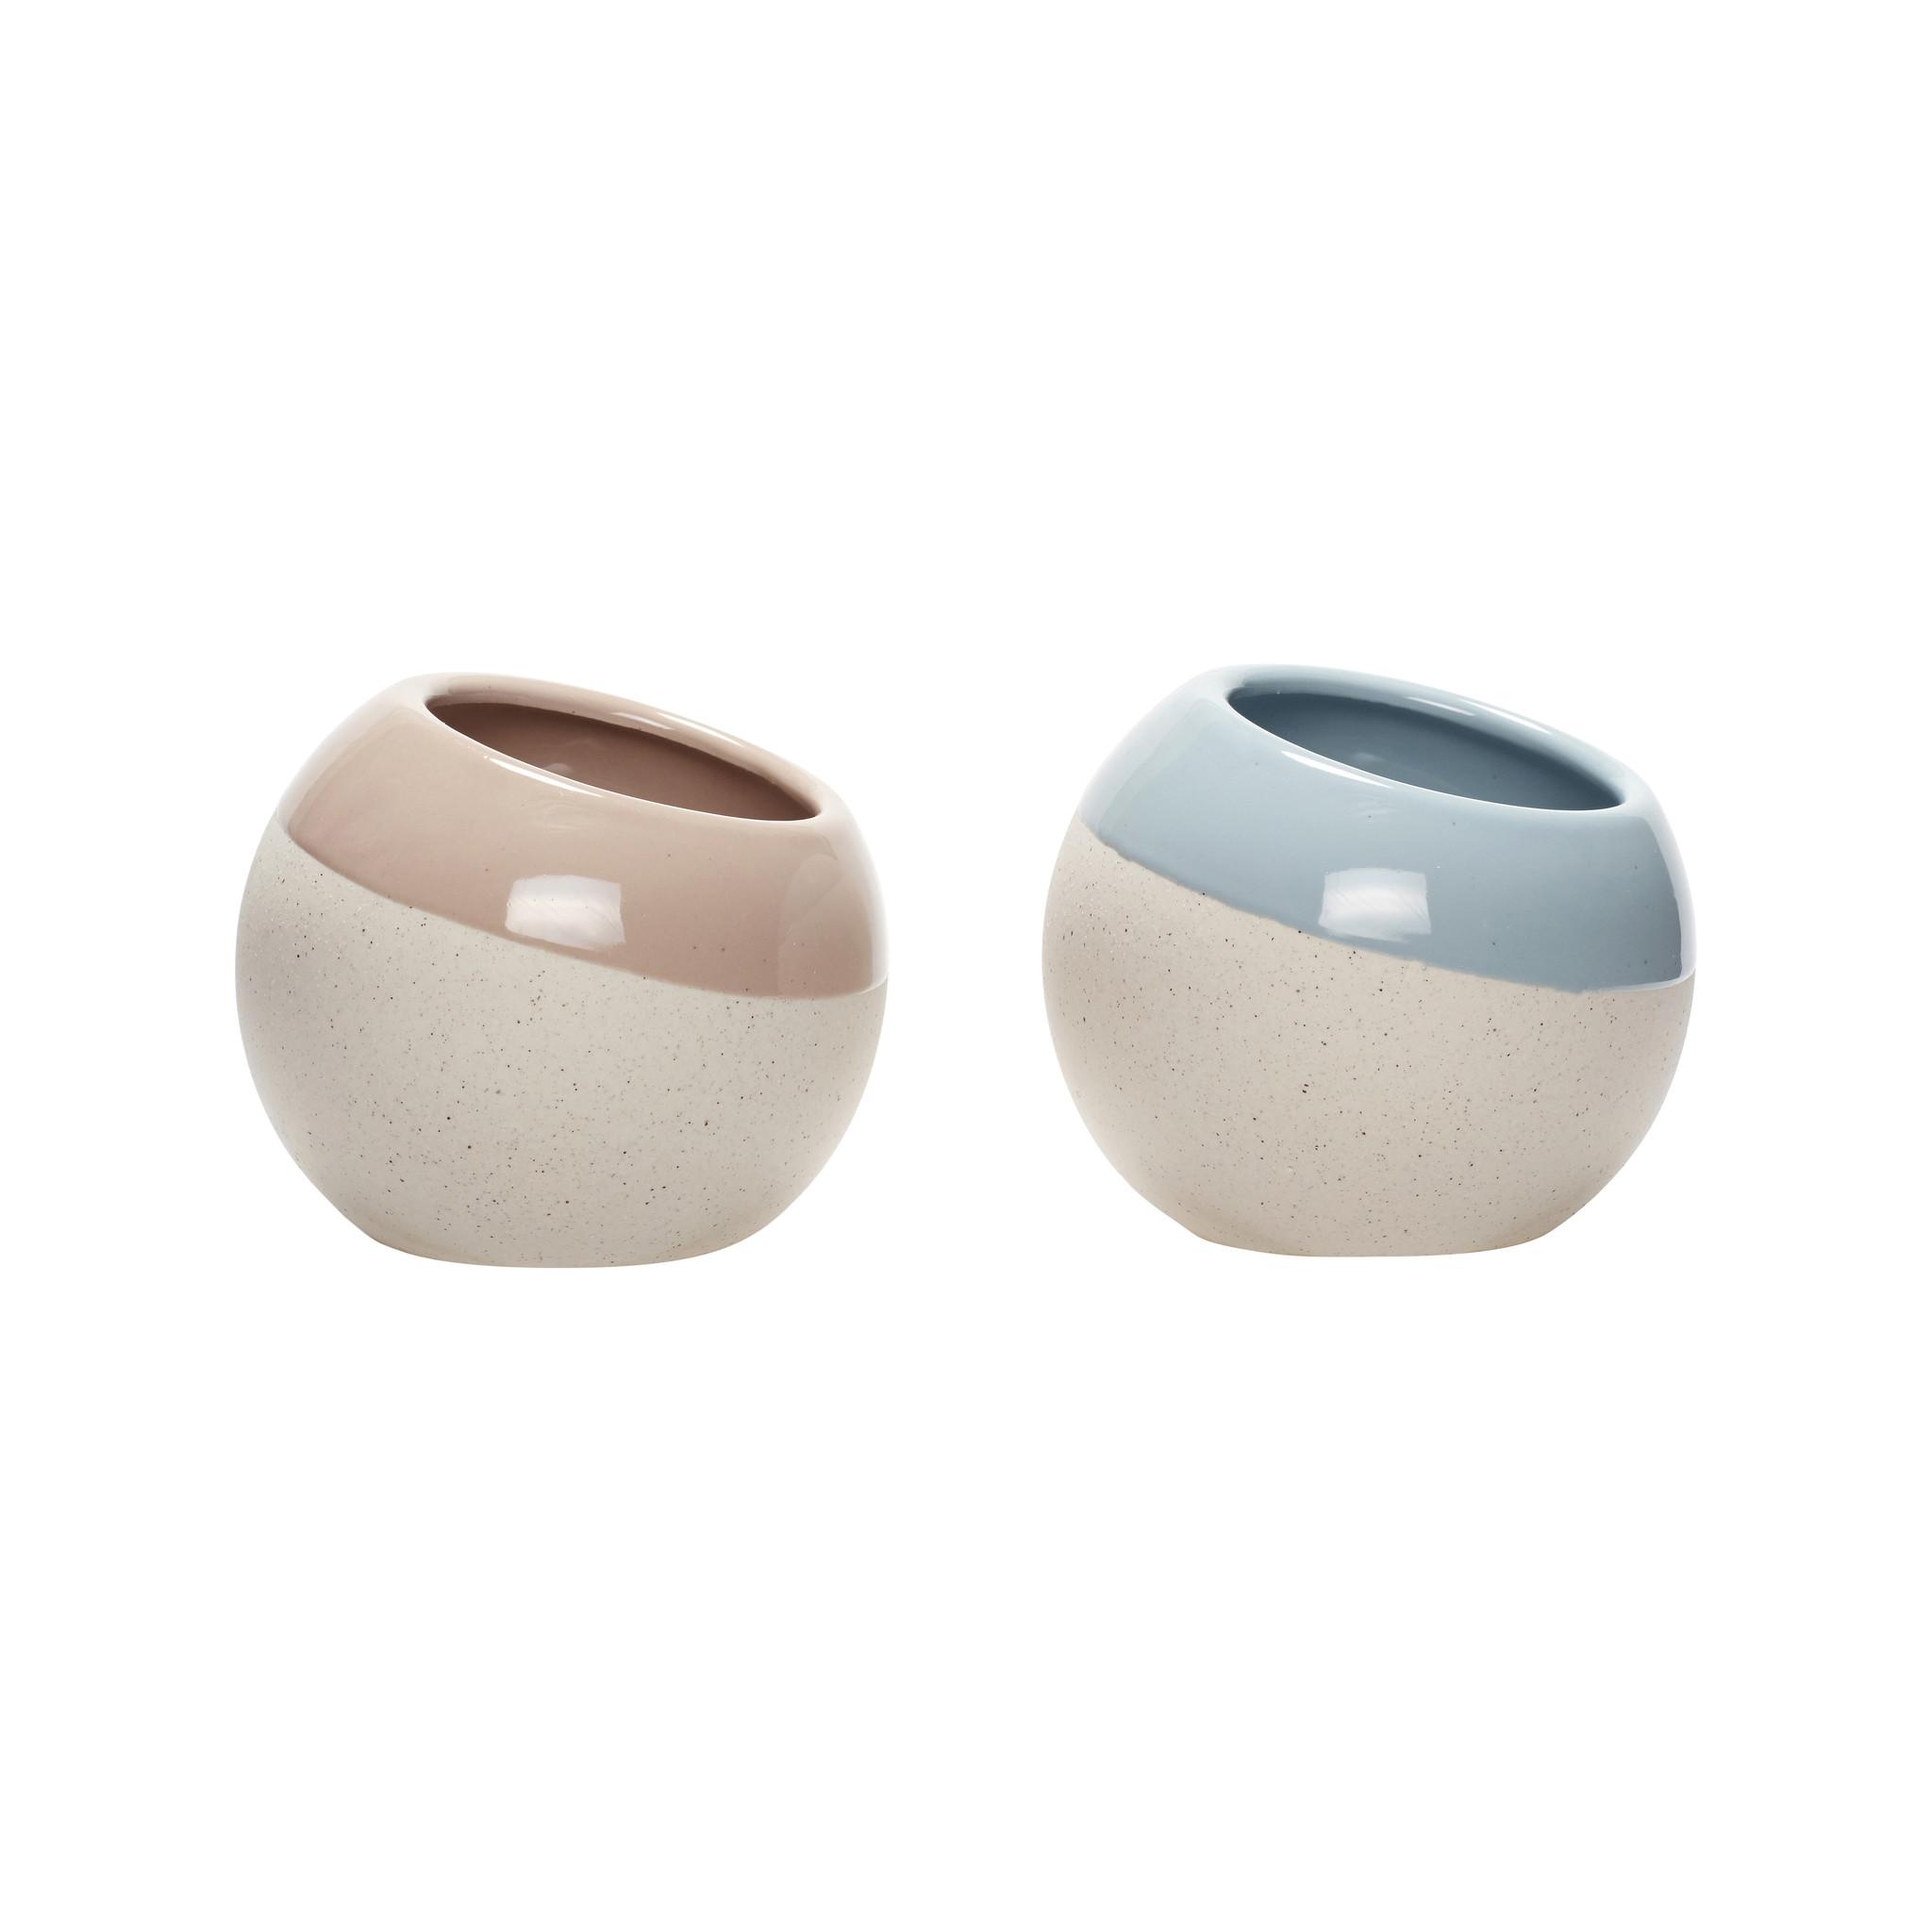 Hubsch Pot, keramiek, wit / lichtblauw / rose, set van 2